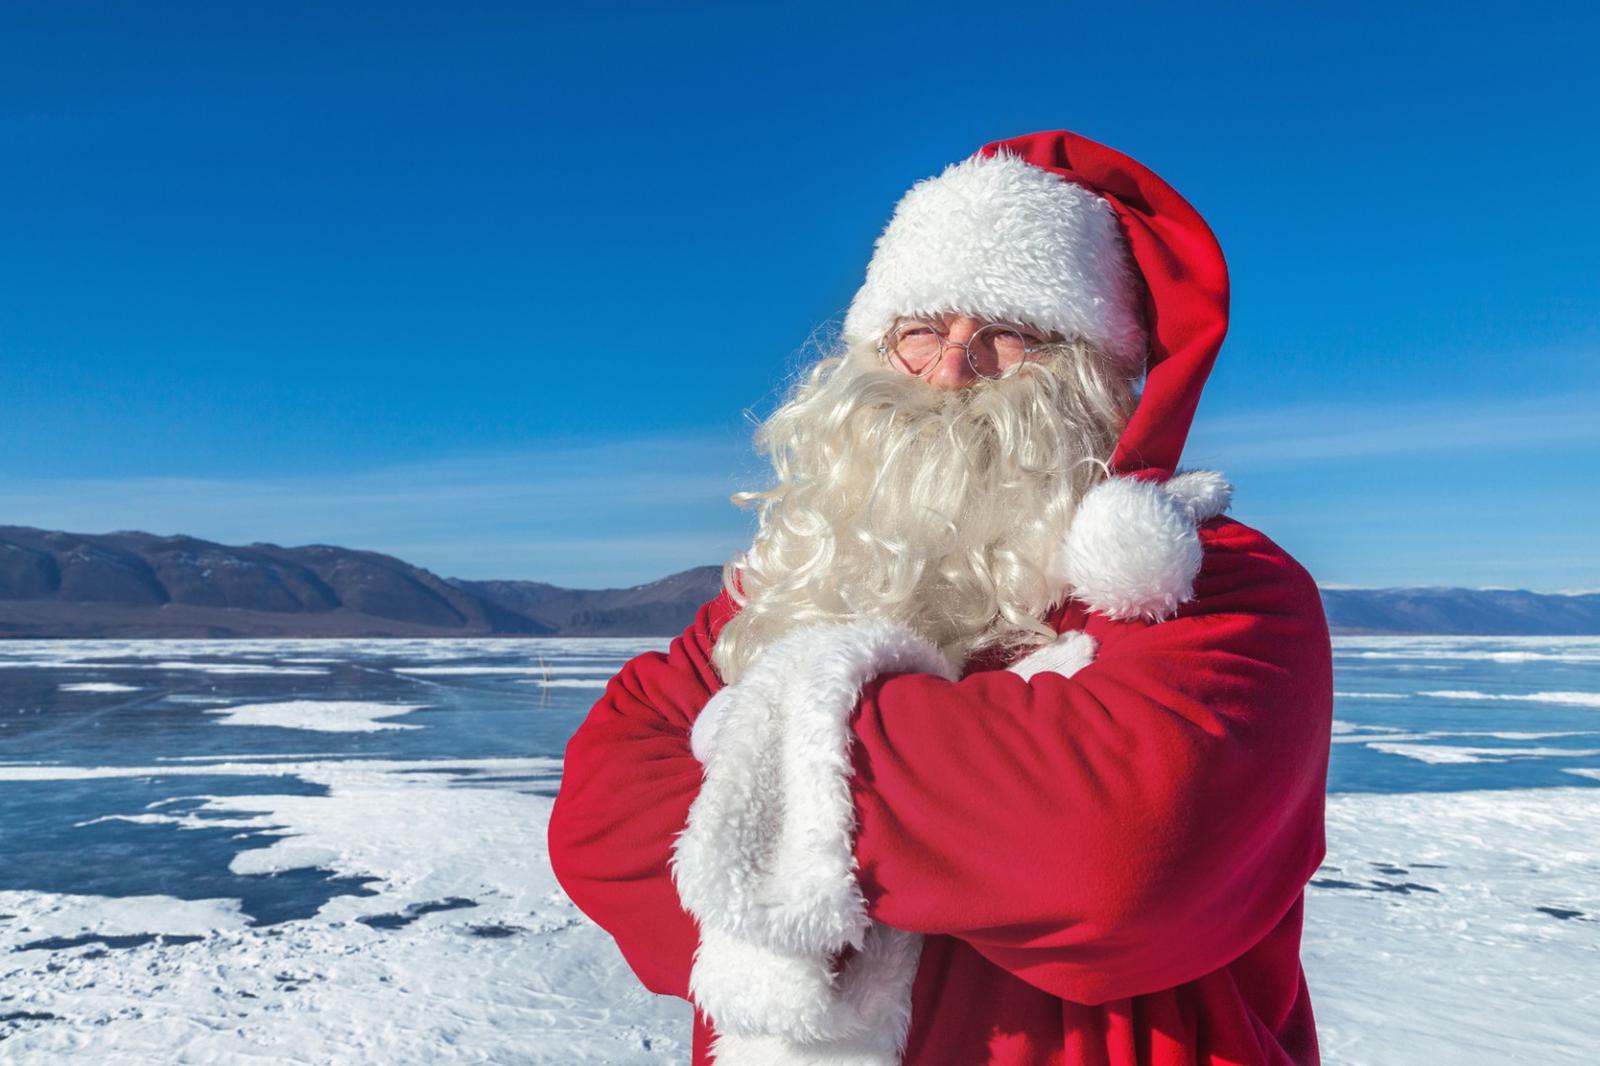 Babbo Natale - fotolia © tiplyashina